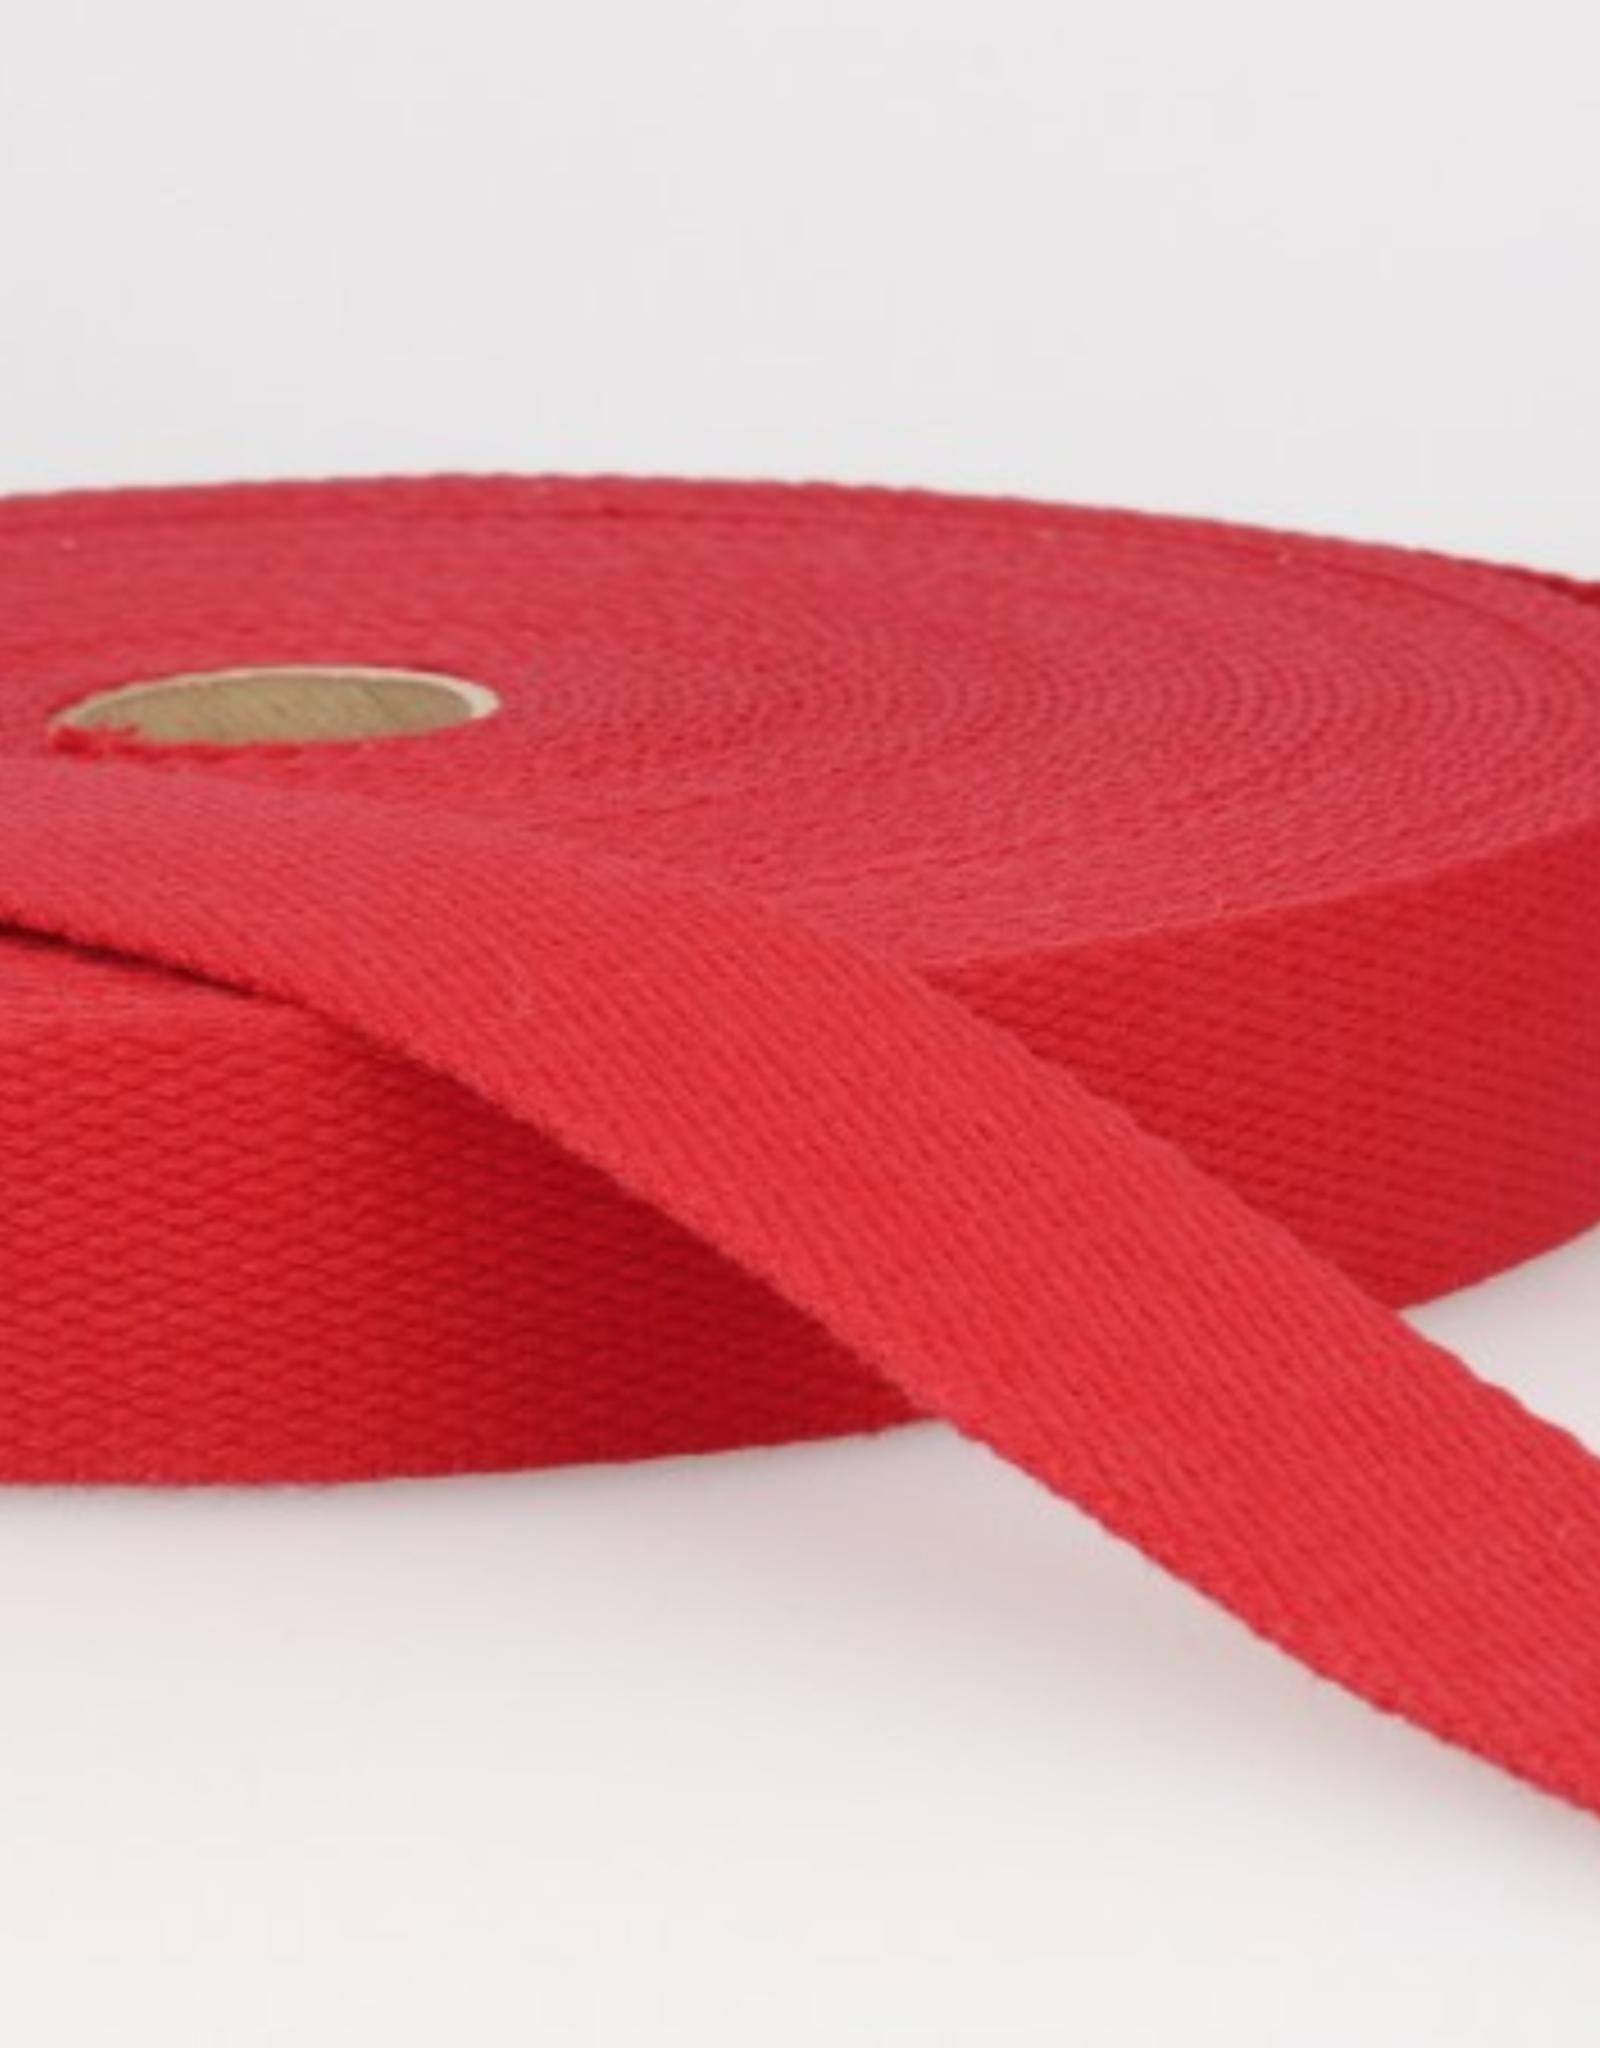 Tassenband - Helderrood - 25mm